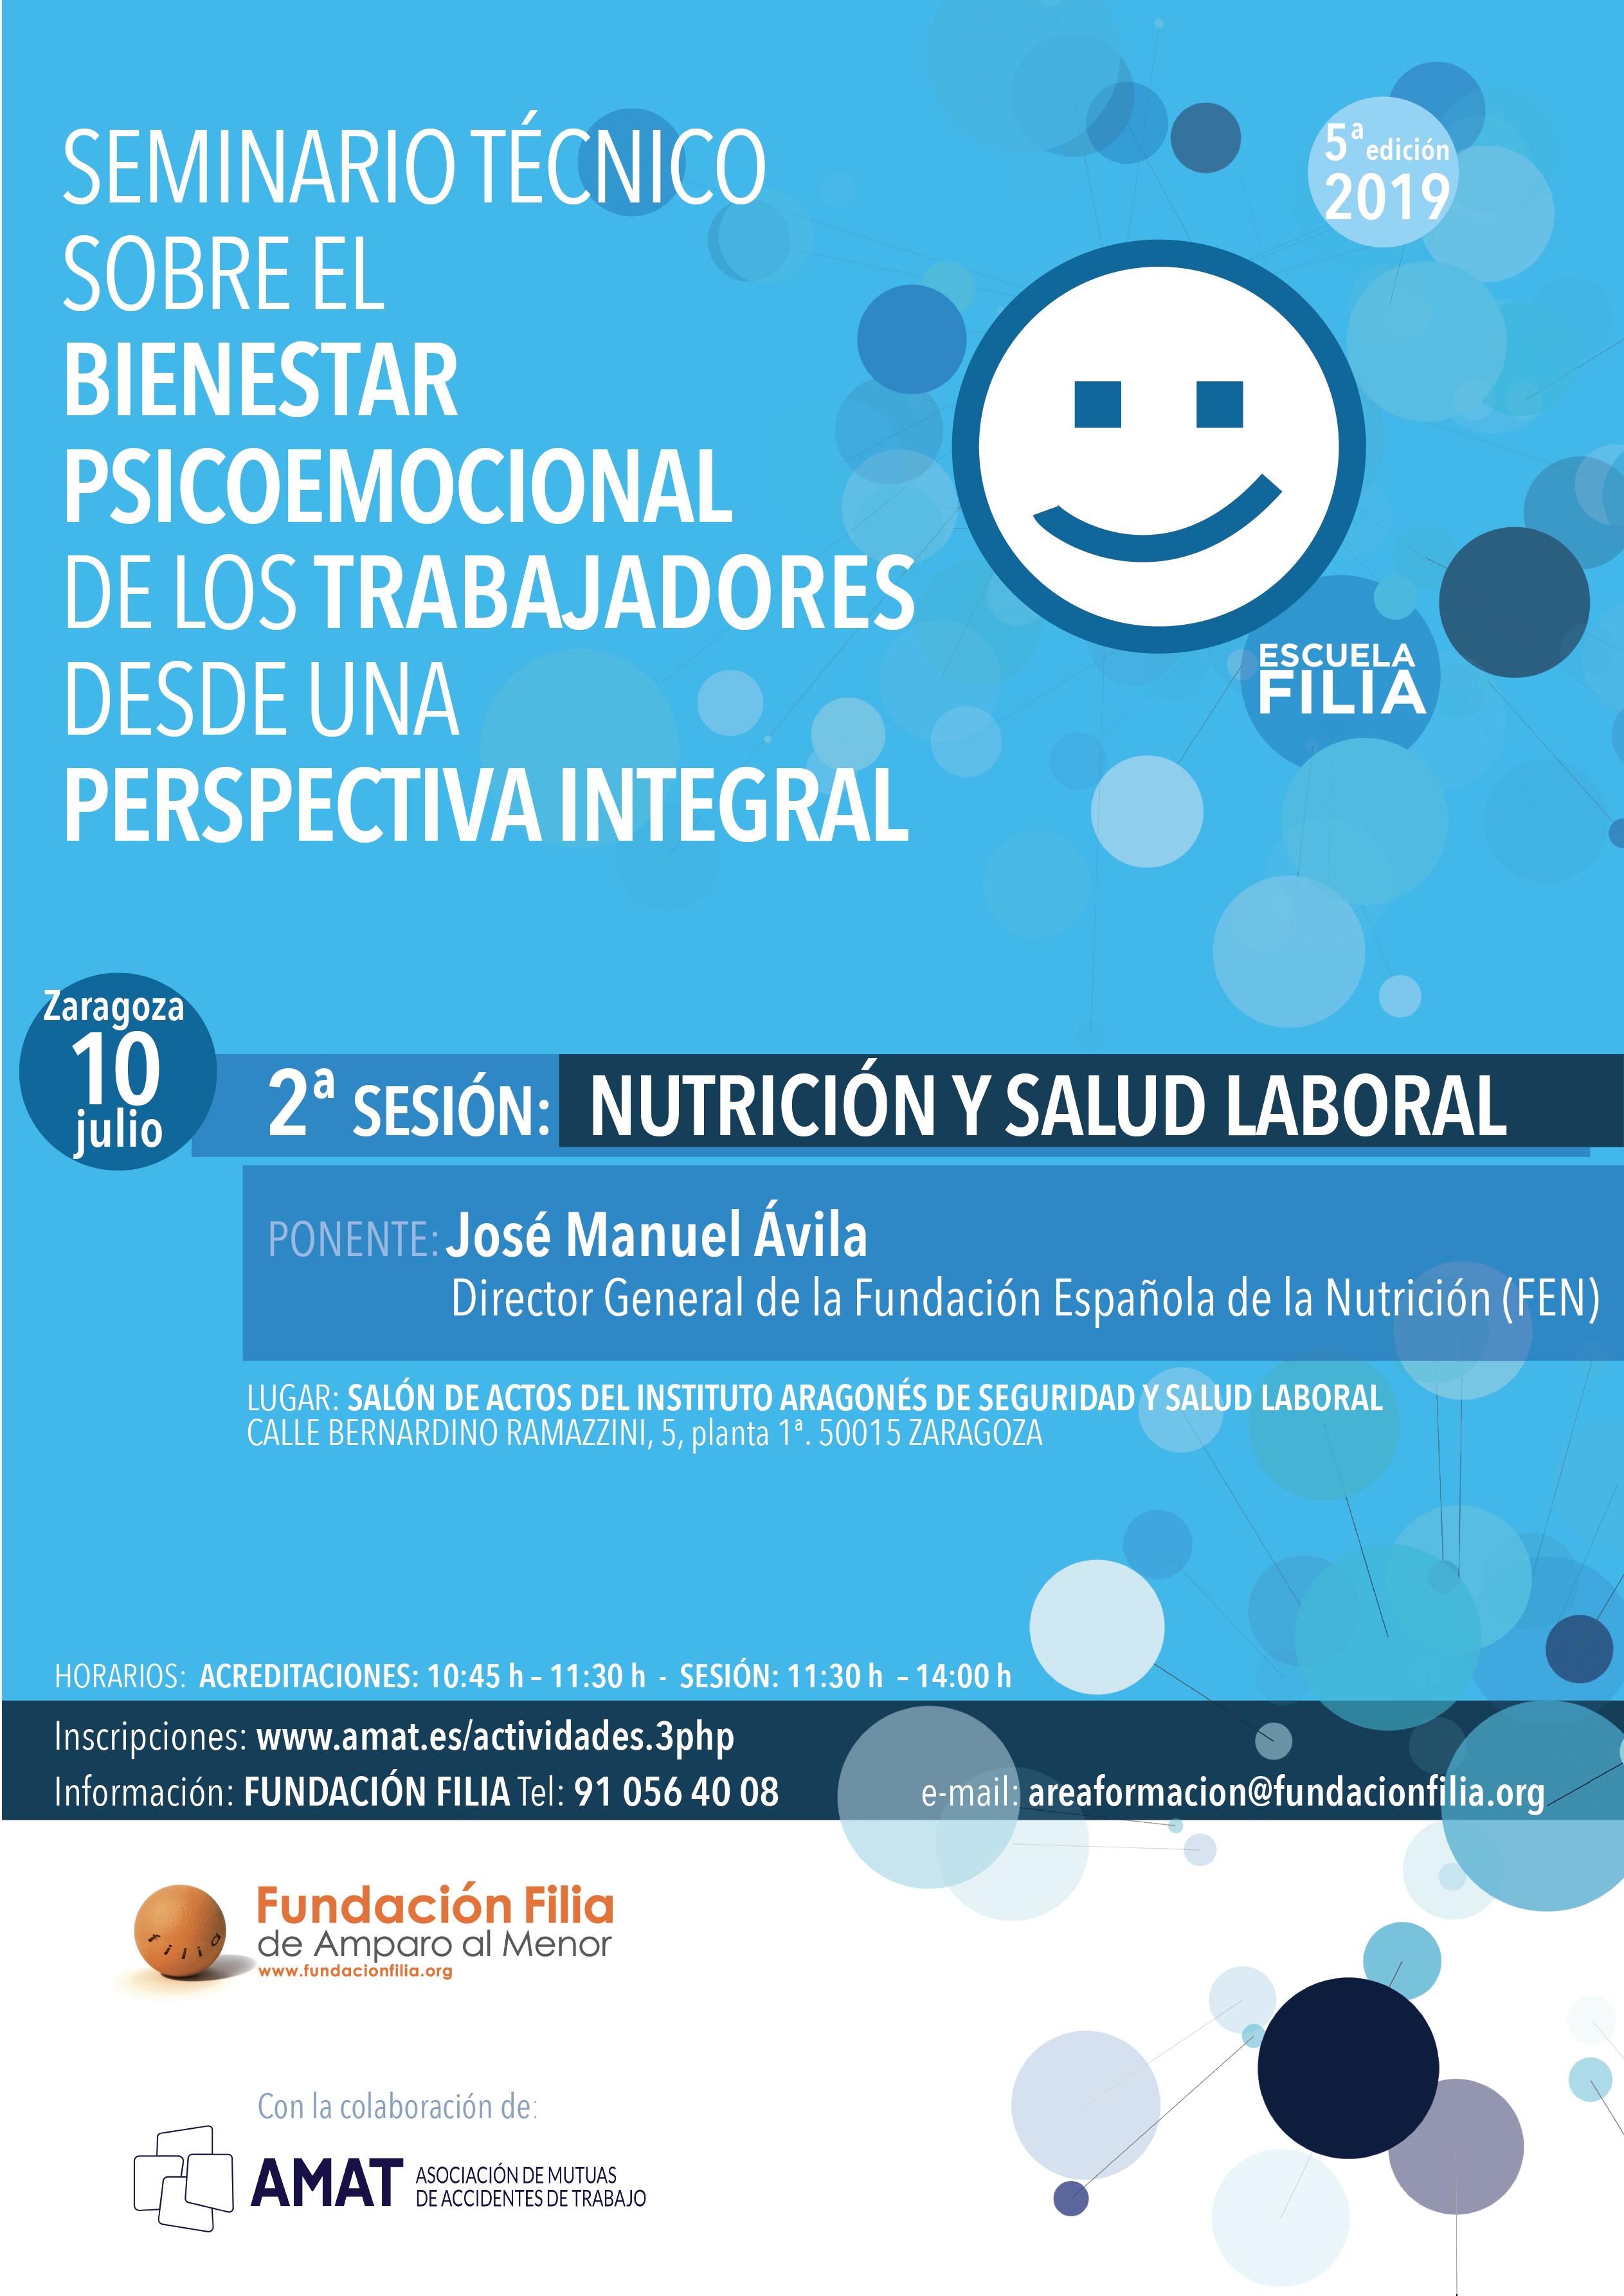 Cartel de Segunda Jornada Técnica del Ciclo formativo sobre el Bienestar Psicoemocional de los Trabajadores de Escuela Filia de Resolución de Conflictos